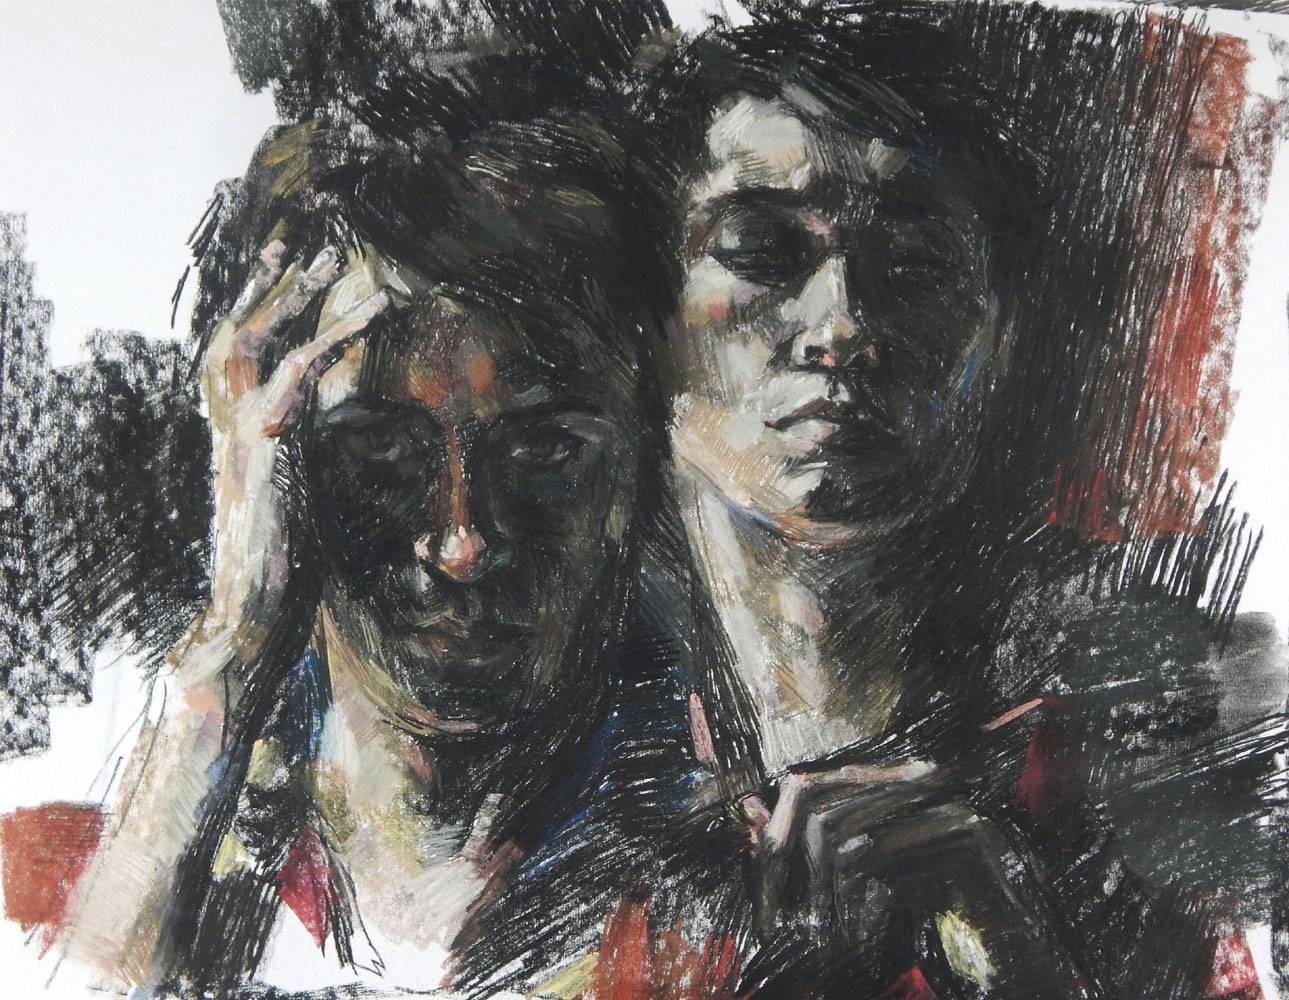 Всероссийская молодежная выставка-конкурс «Новое время»